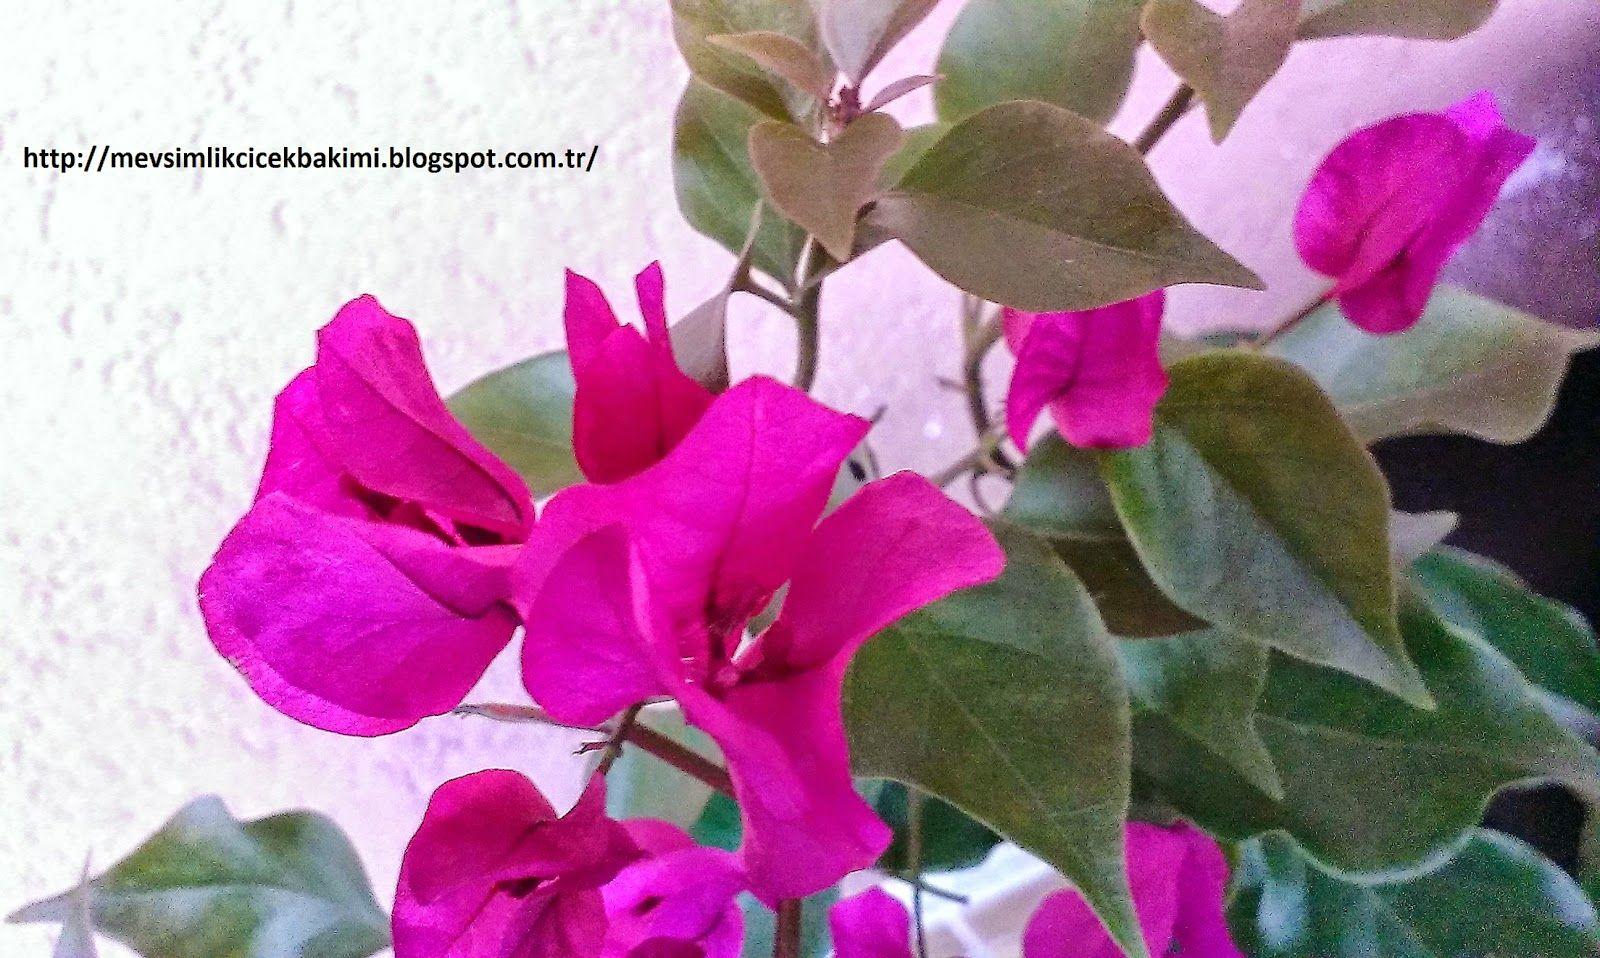 Begonvil Bougainvillea Bakimi çiçek Bakımı çiçek çeşitleri